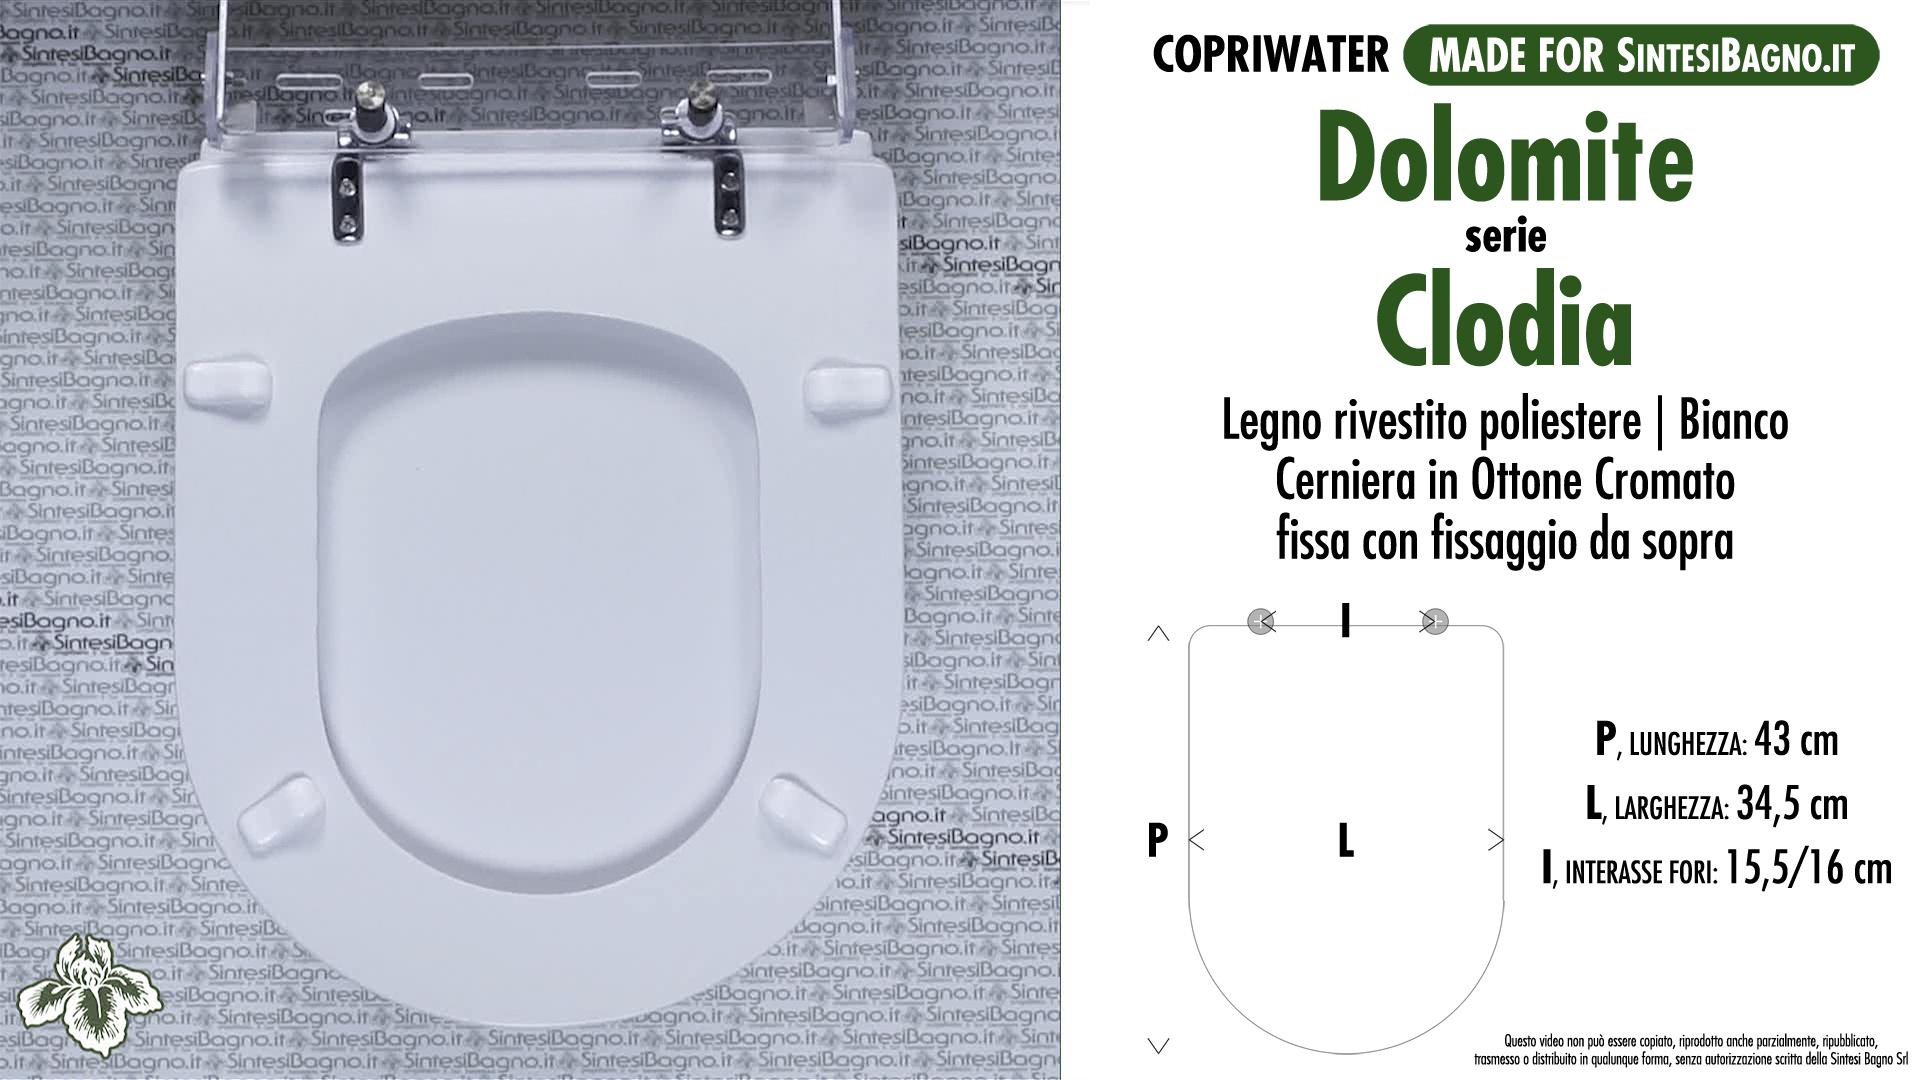 Schede tecniche misure copriwater dolomite serie clodia for Dolomite serie clodia